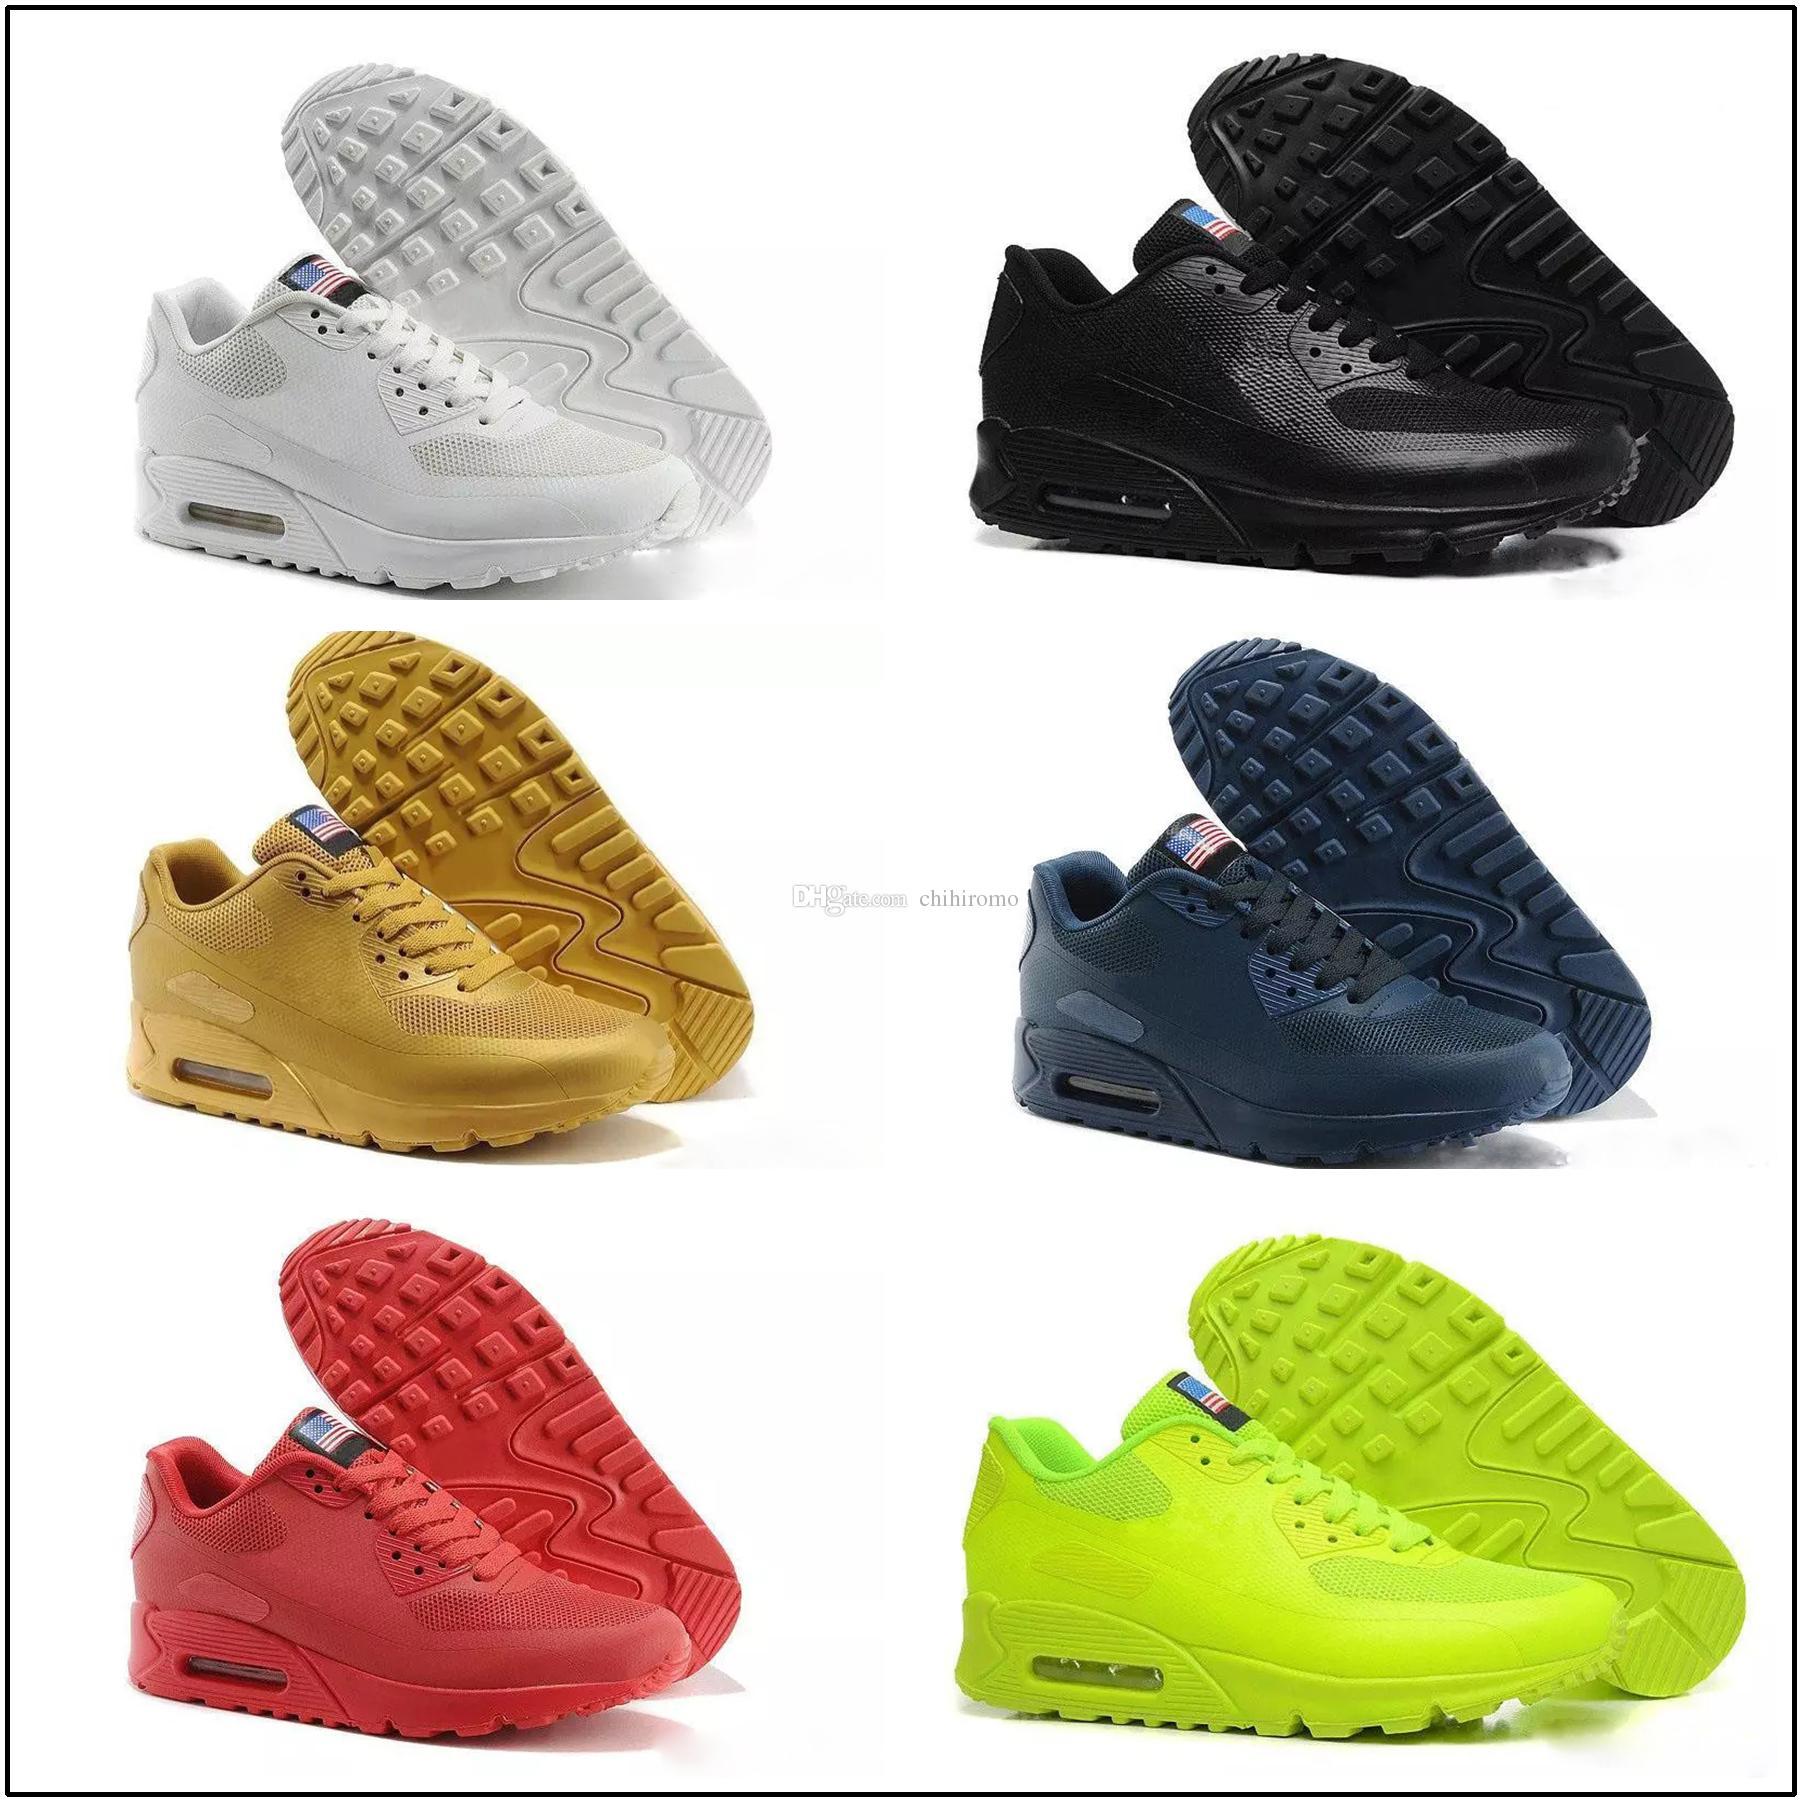 Zapatillas Prm Qs De Hyp Mode L'indépendance Max Nike 90 Vente Ligne Air Drapeau Chaussures Hommes En Running Fête bvf7g6yY